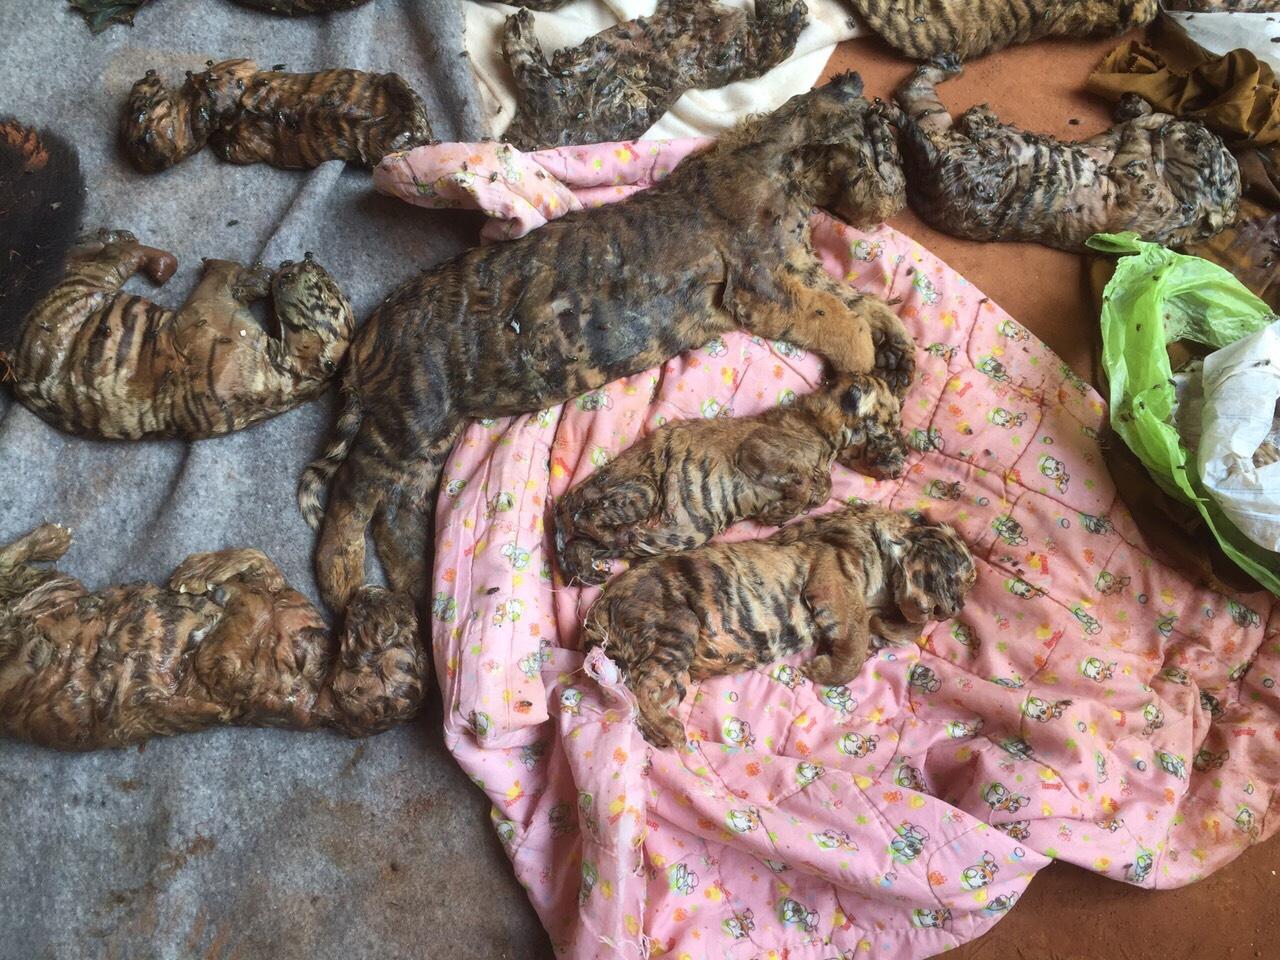 ผงะ ! พบซากลูกเสือ 40 ซาก ในวัดป่าหลวงตาบัว